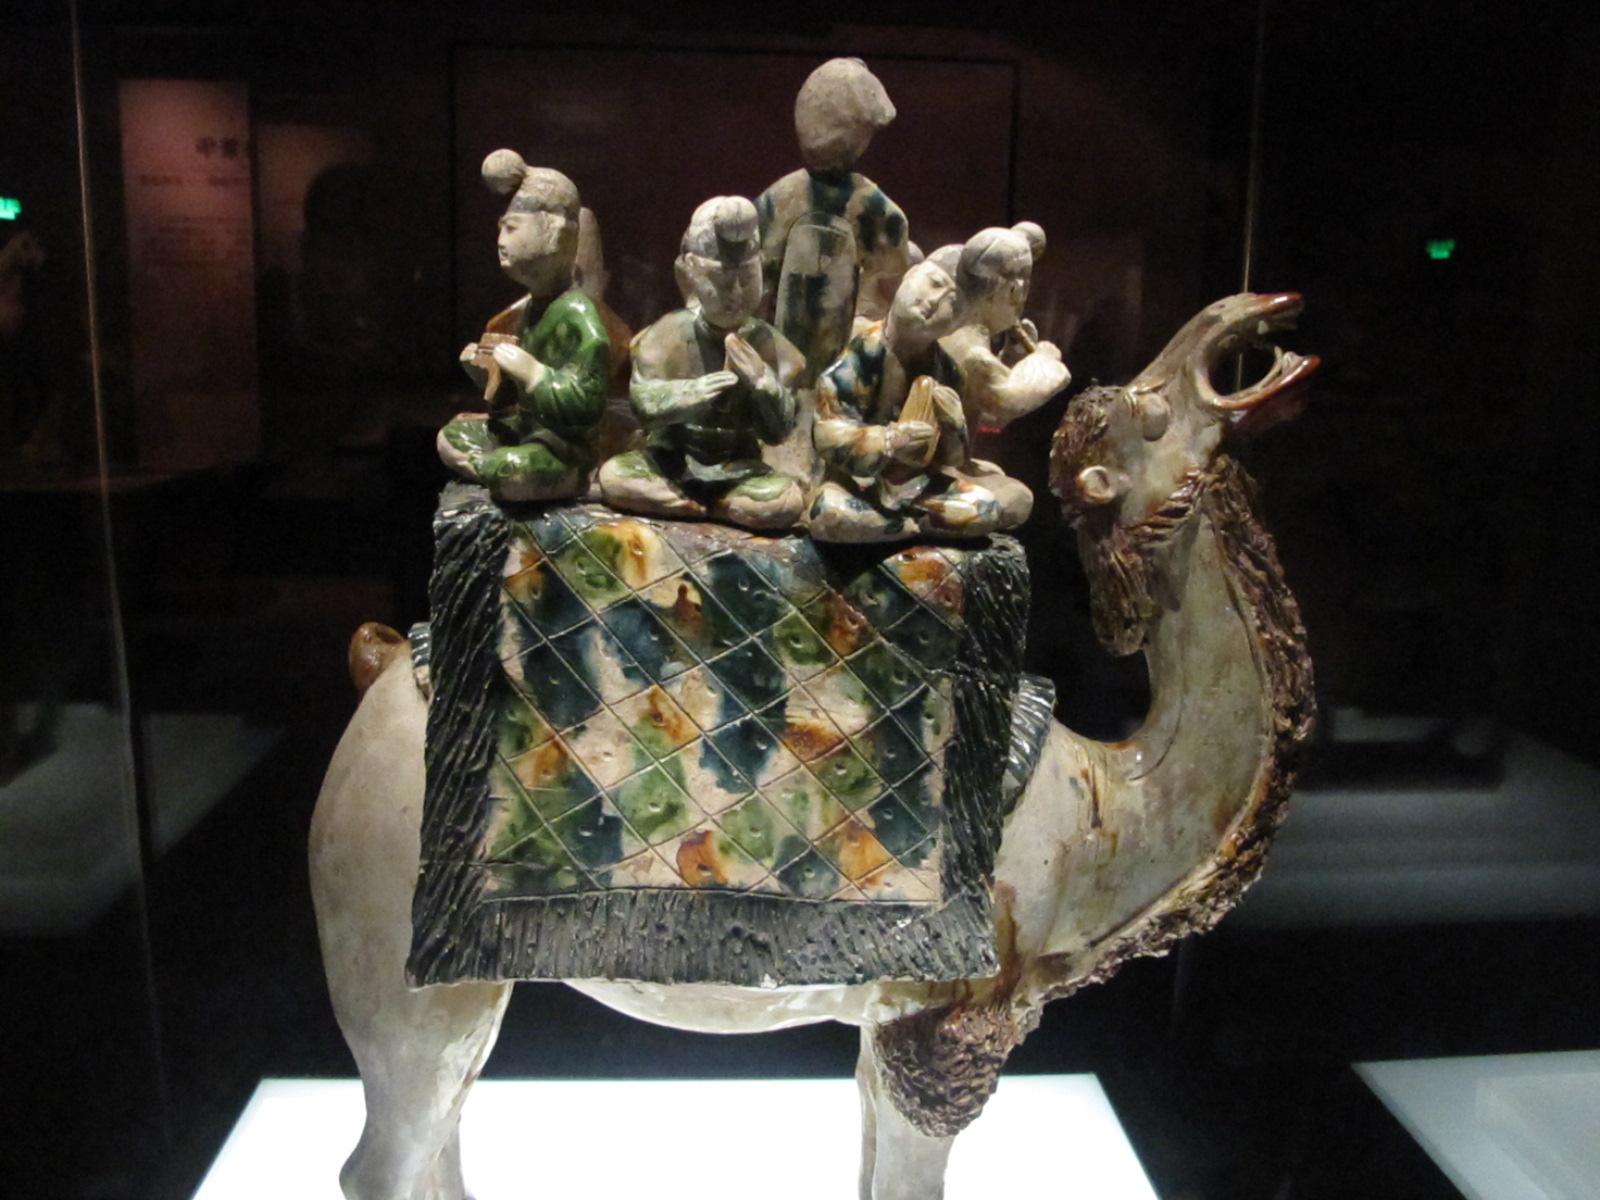 陕西历史博物馆建成后,集中珍藏陕西地区出土的珍贵文物,比较典型的